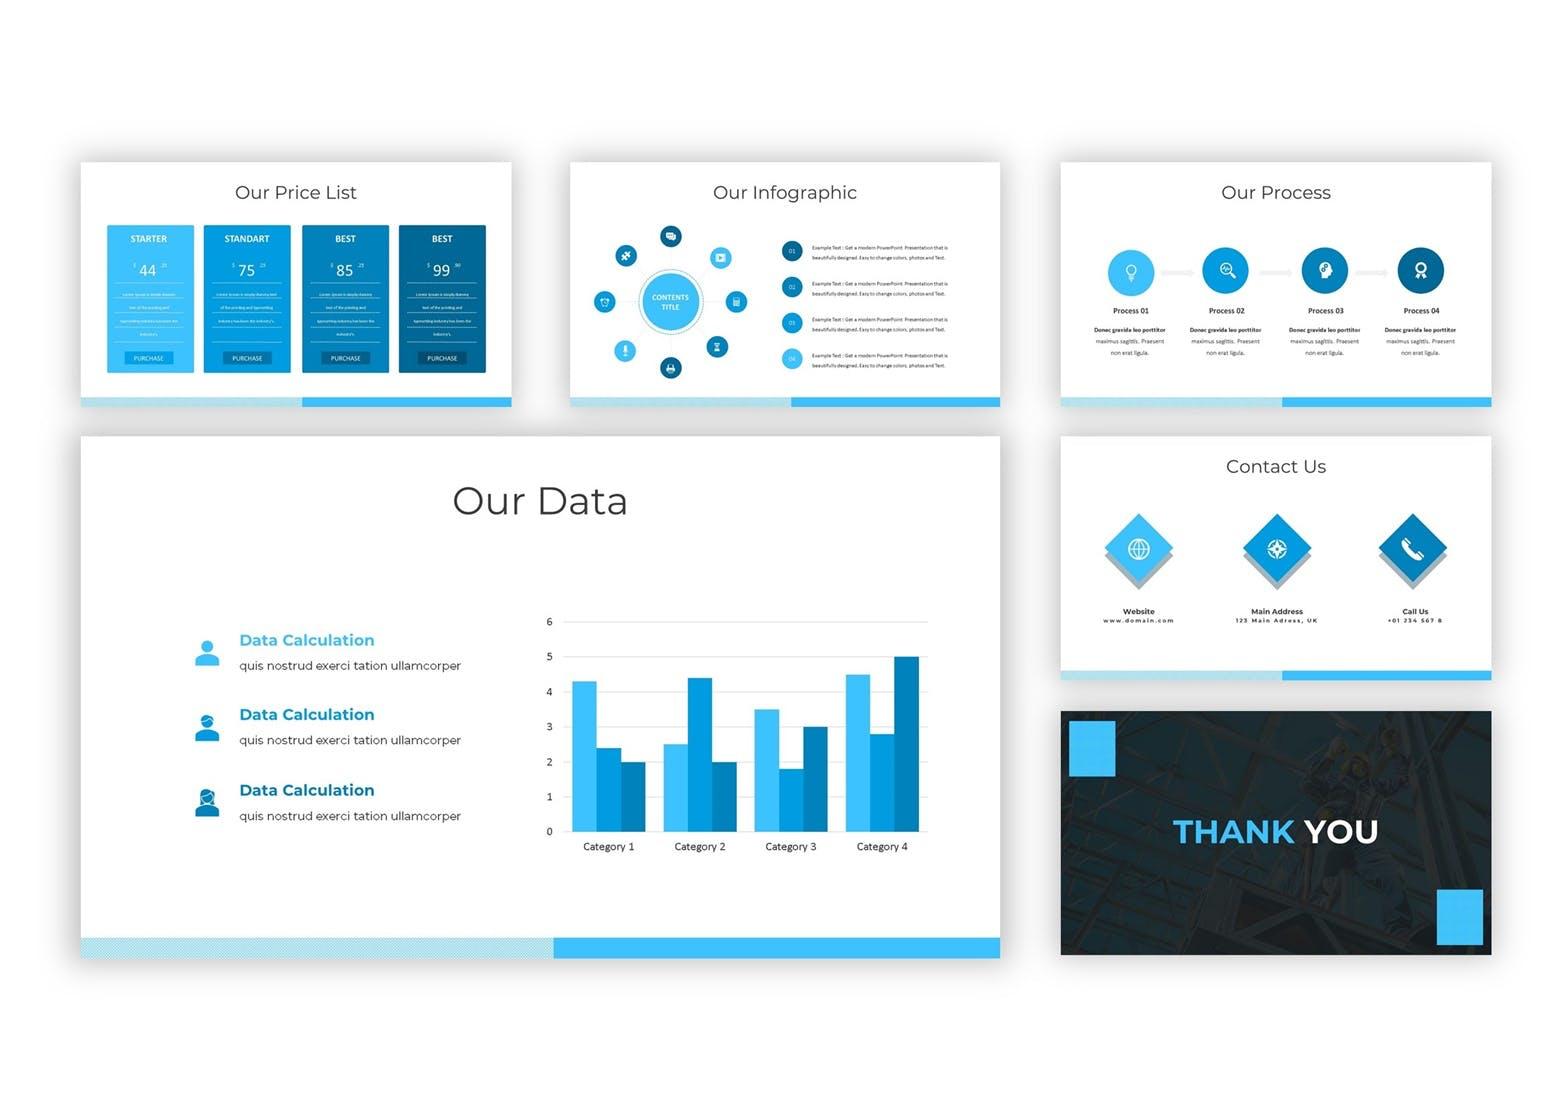 商务ppt 公司大数据汇报 企业ppt模板 模板设计素材模板